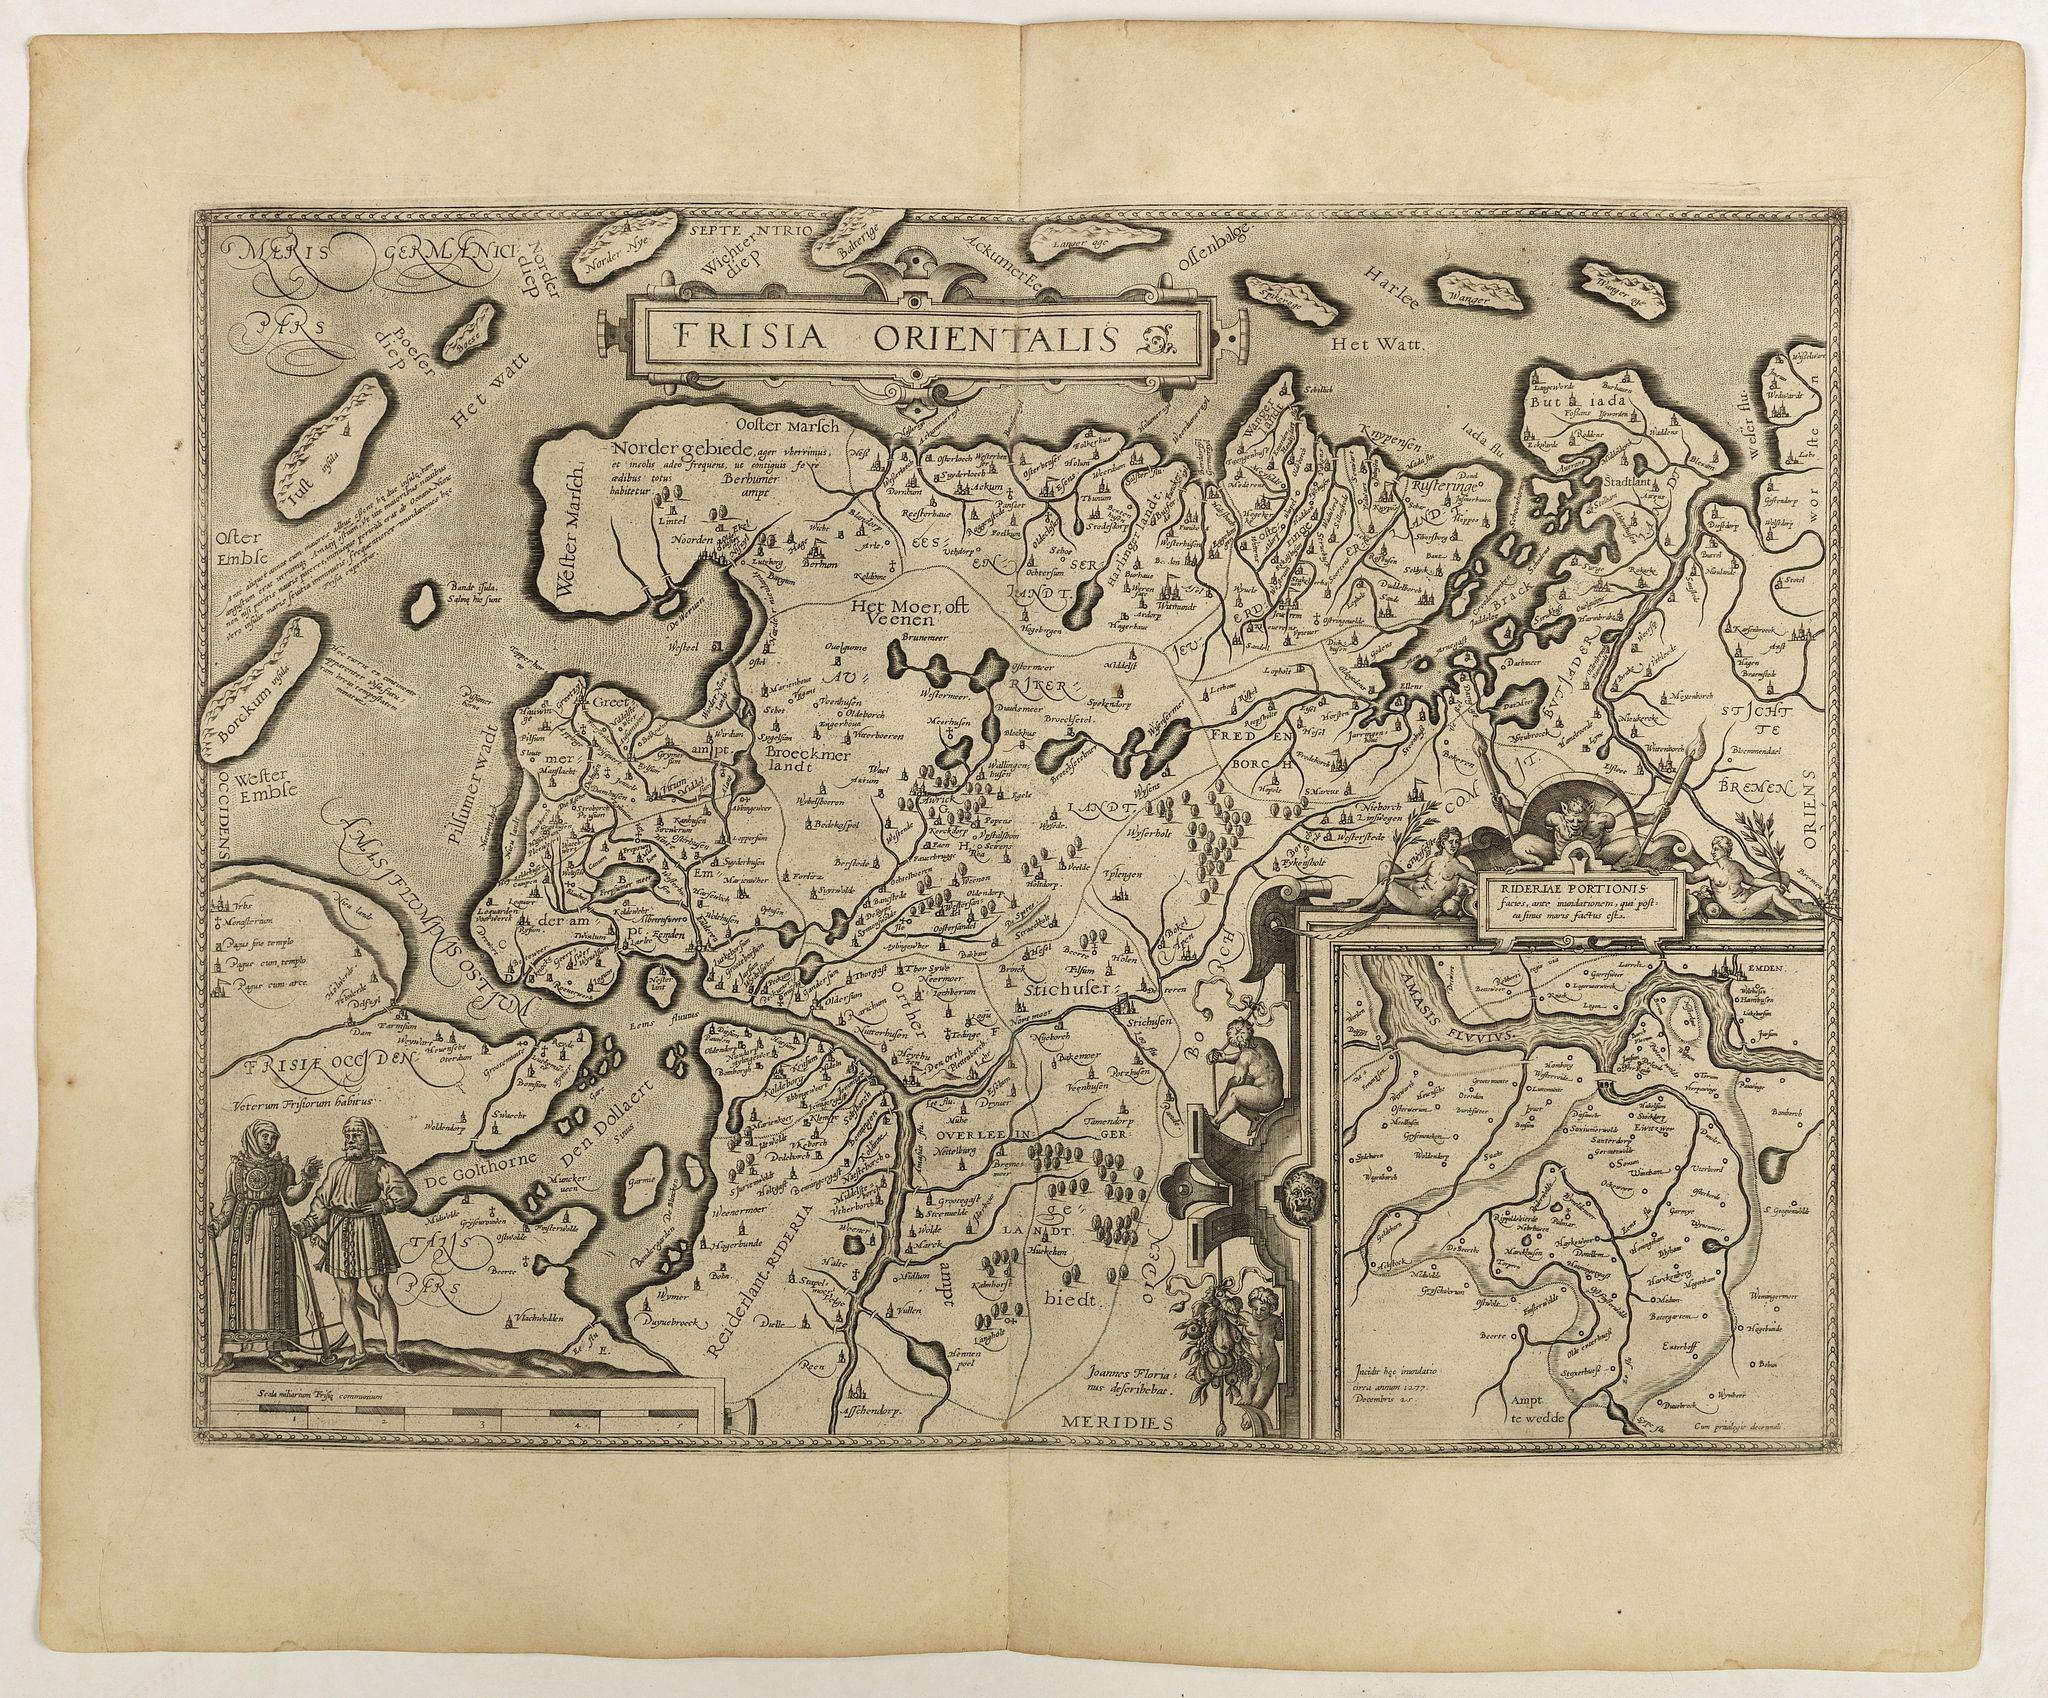 ORTELIUS, A. -  Frisia Orientalis.